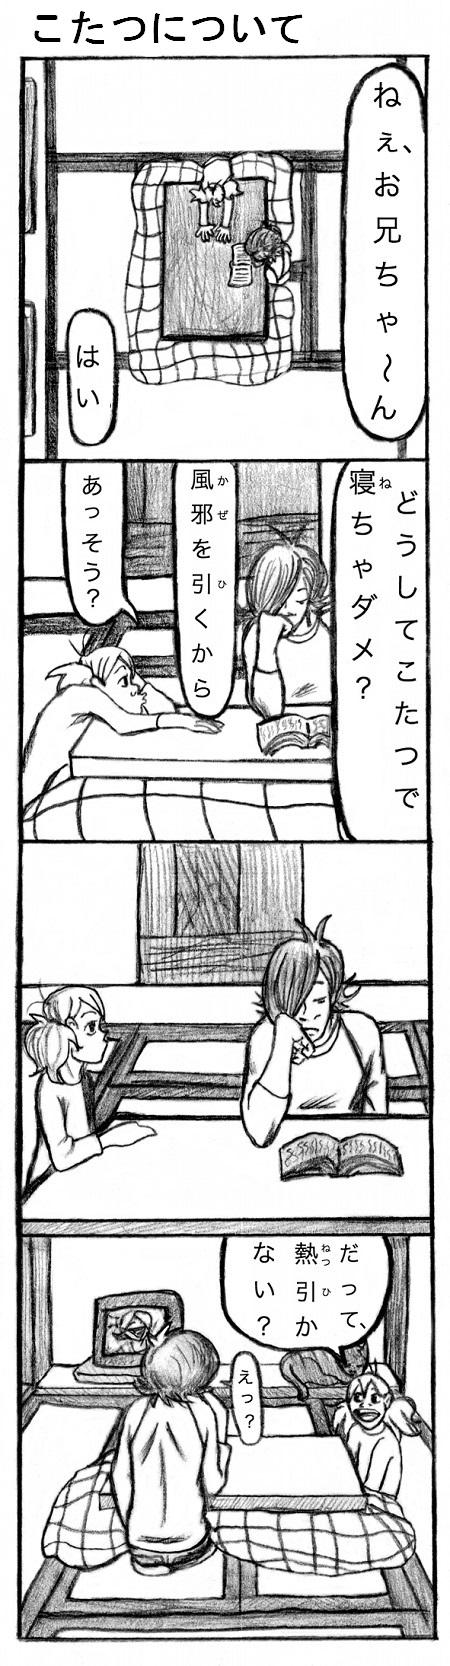 neeoniichan - on kotatsu - Japanese --